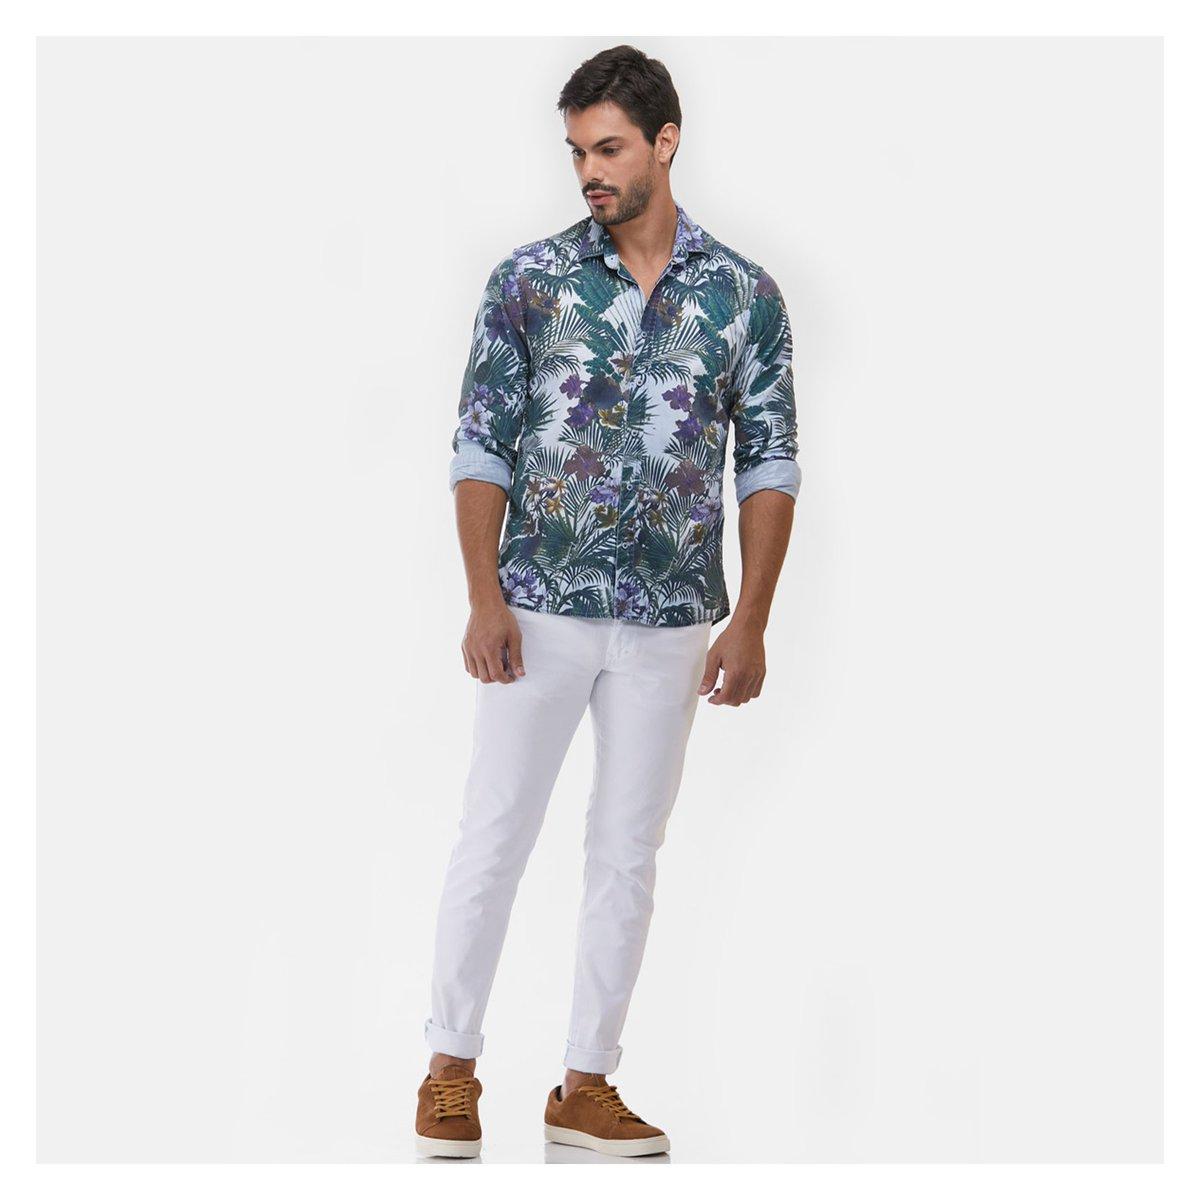 Aquele style único que a camisa Japão tem 🤘🏼😎 Disponível no site |   #socialmasculina #social #socialmangacurta #camisasocial #modamasculina #style #trendy #serafine #srfn #amarcadapena #viscose #camisadeviscose #conforto #leveza #vistaserafine